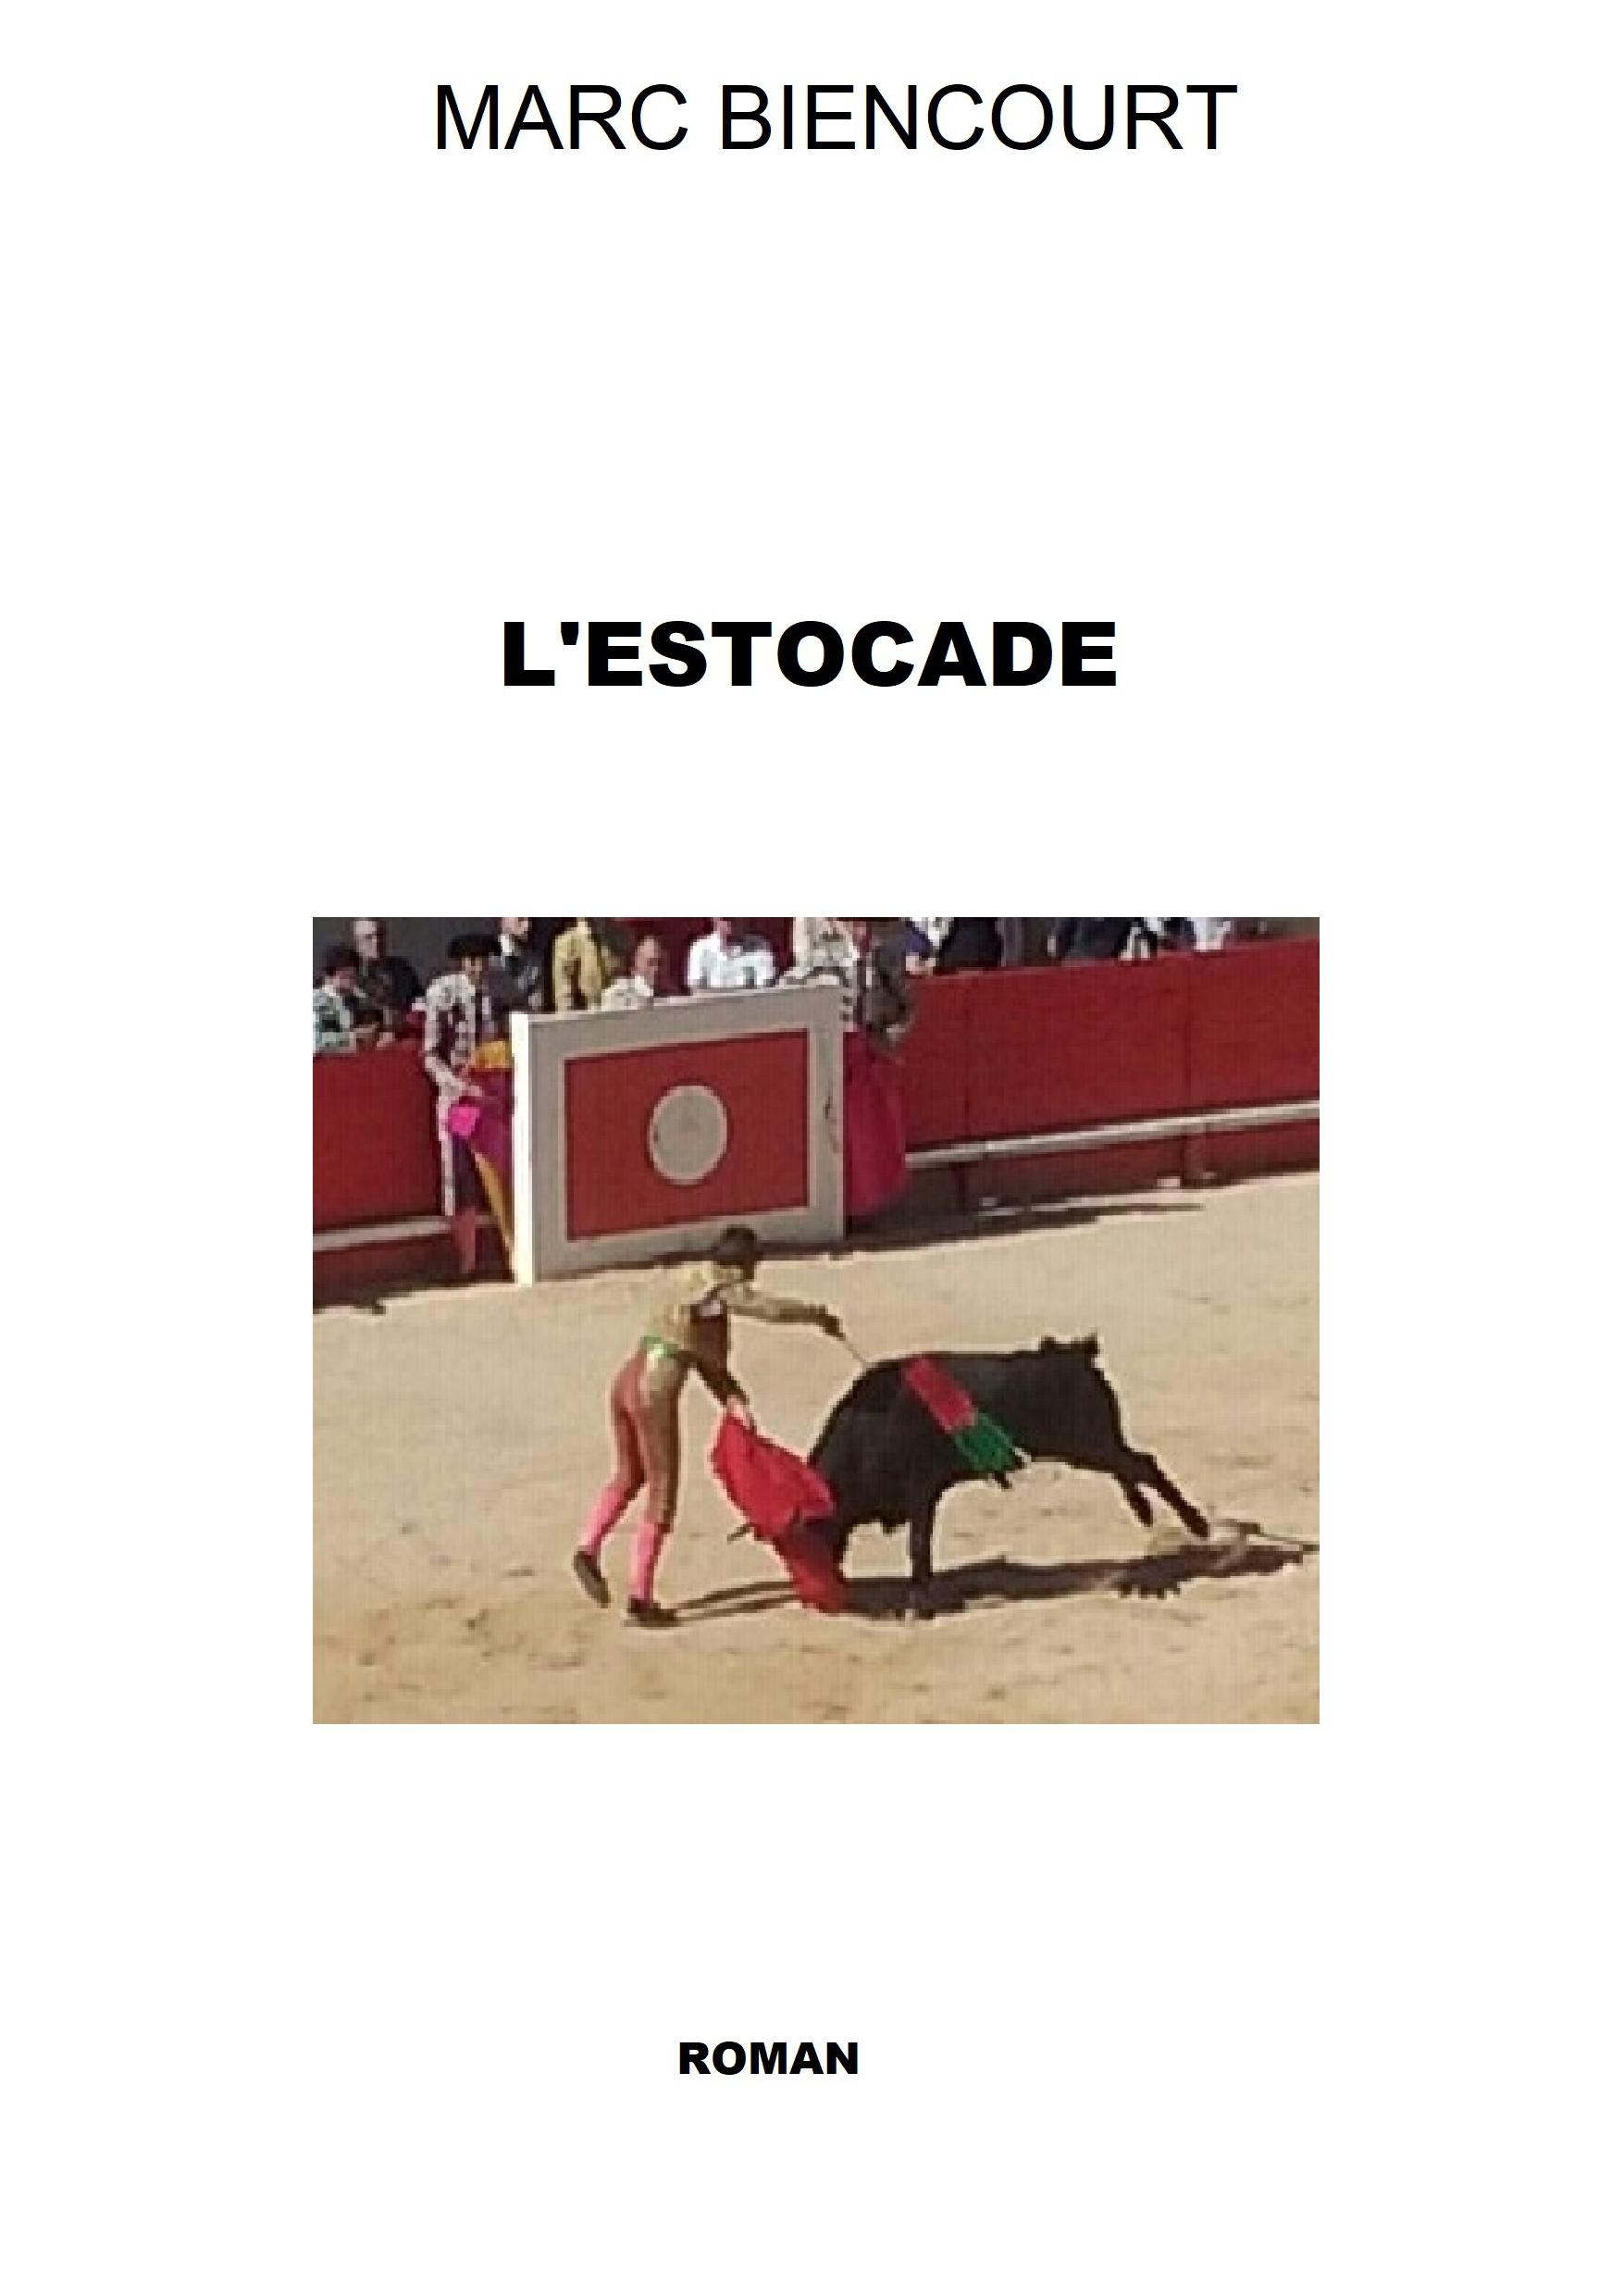 L'ESTOCADE